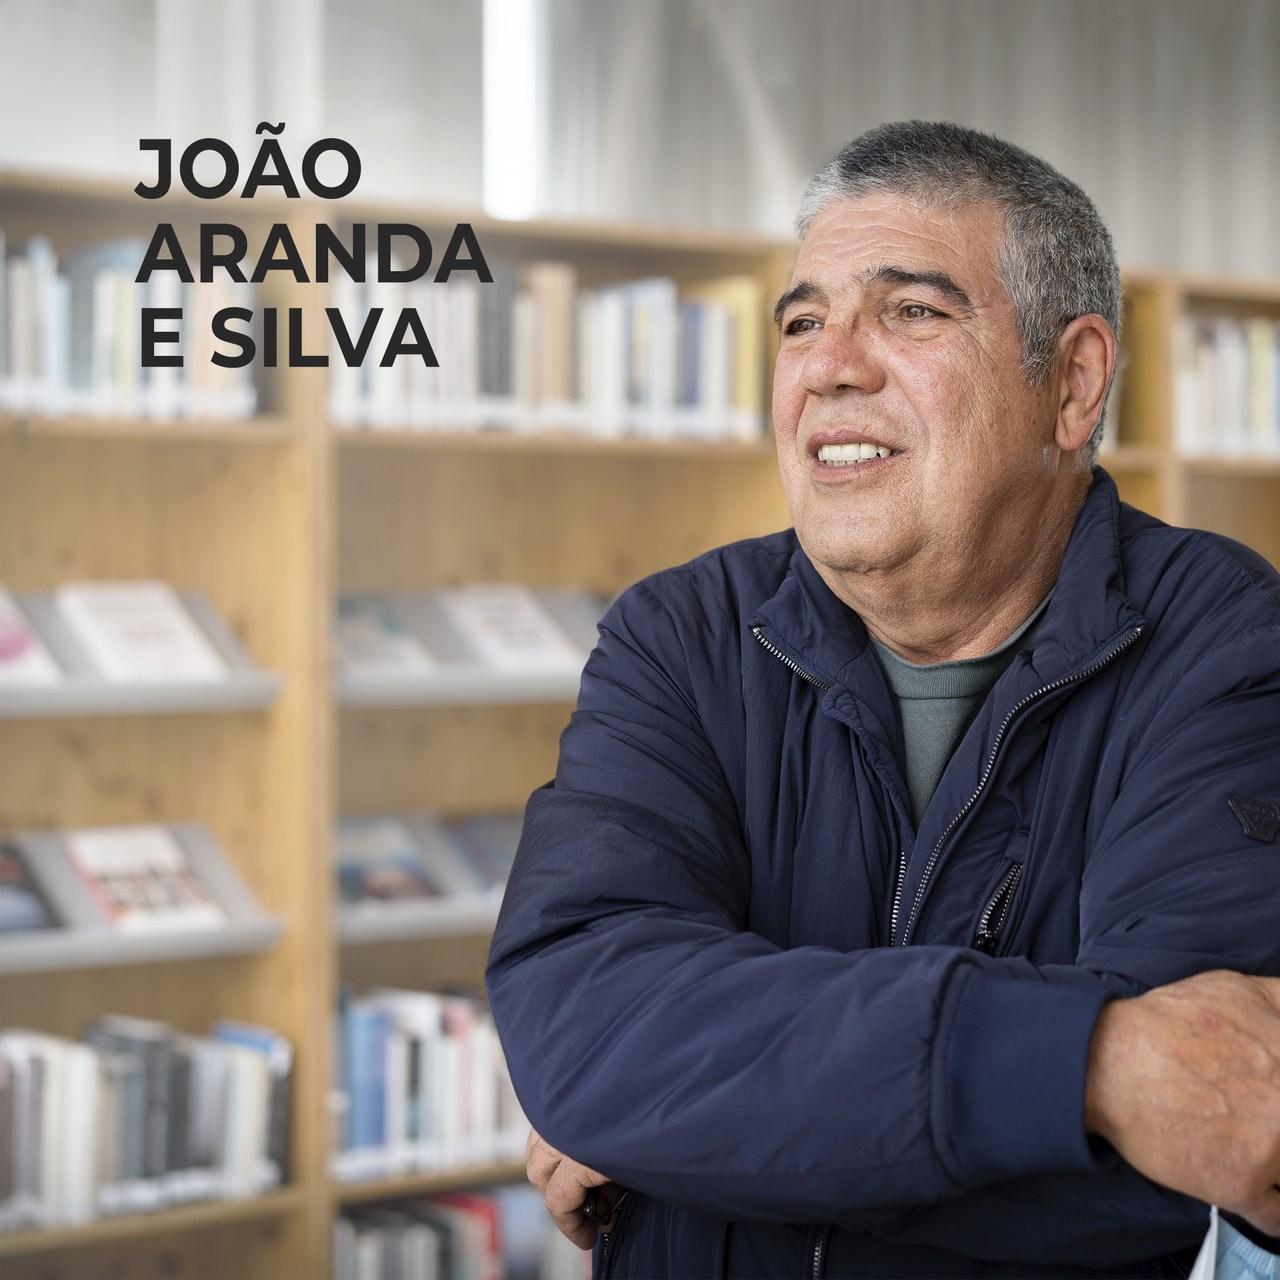 """Livro de Cabeceira EP.14 – João Aranda e Silva apresenta """"Em Que Crê Quem Não Crê"""", de Umberto Eco e Carlo Maria Martini."""